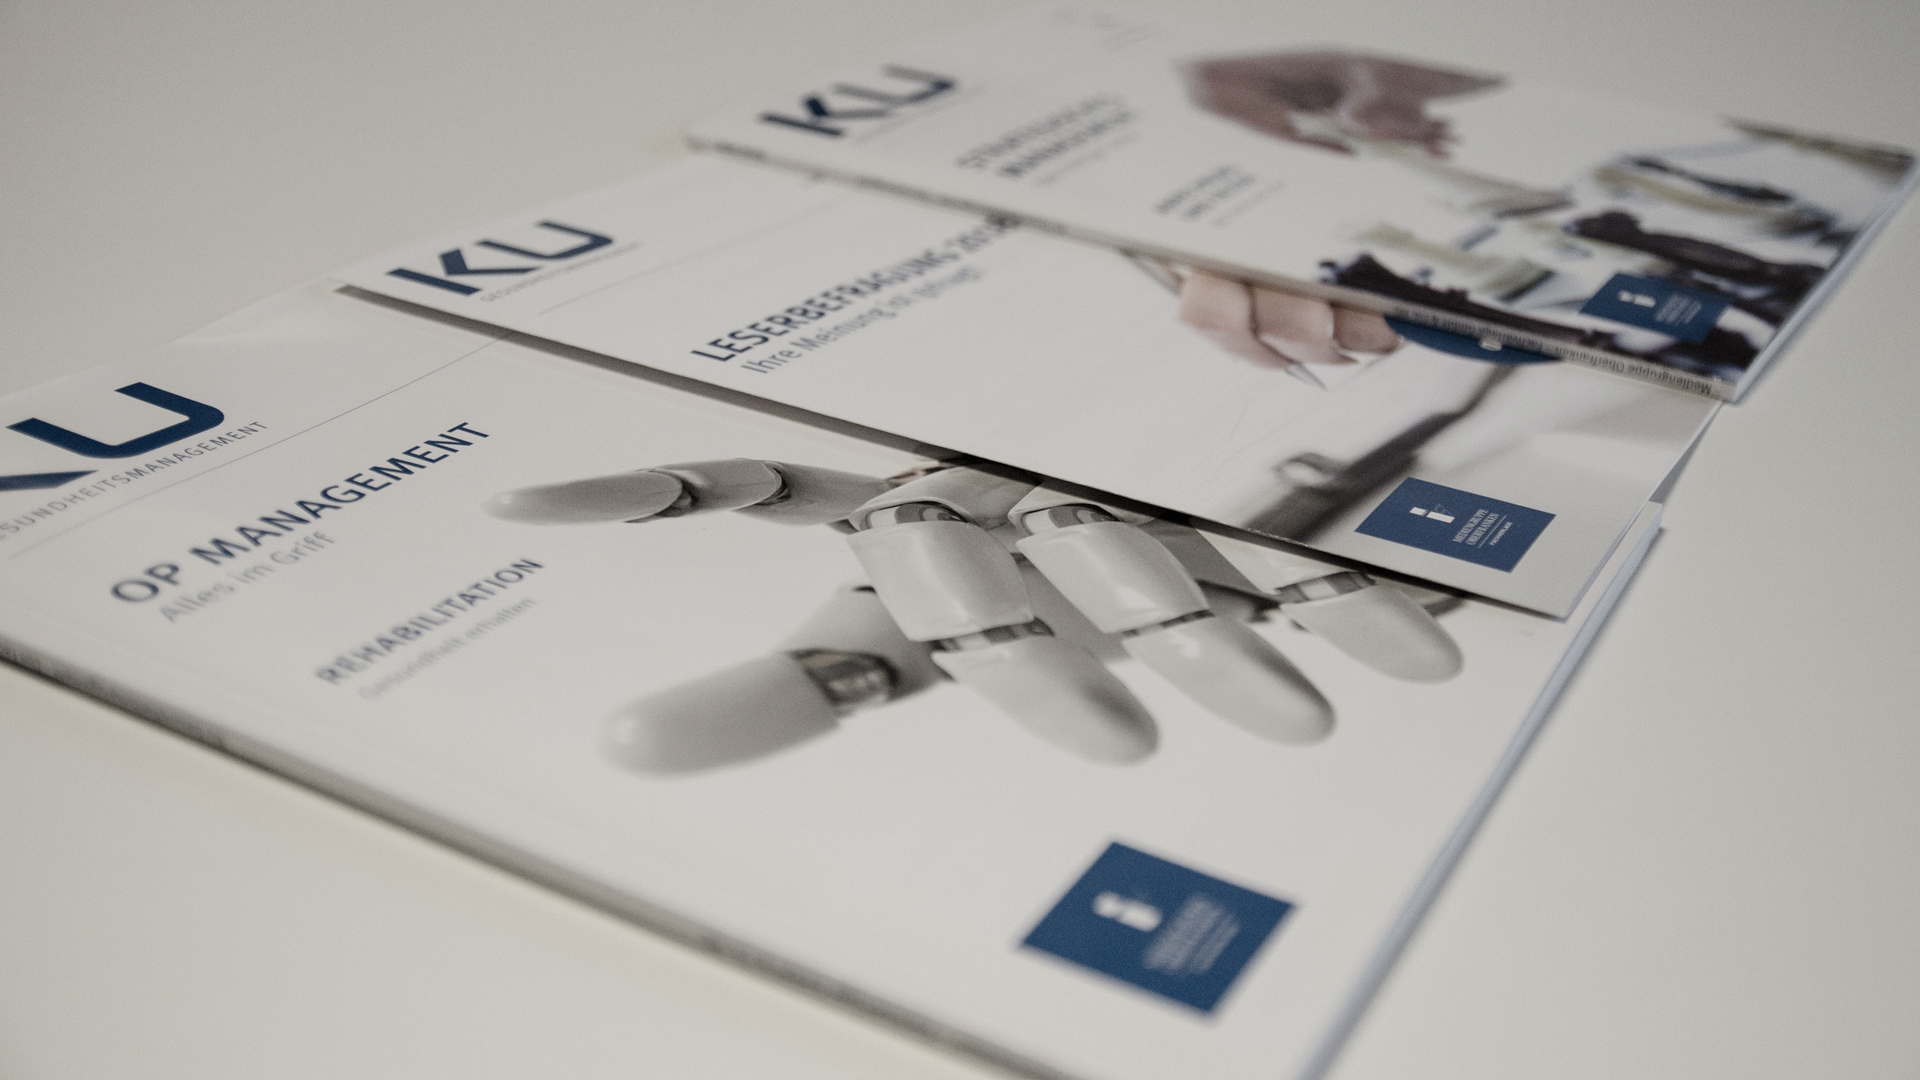 MGO Fachverlage Magazin-Relaunch    zur Referenz